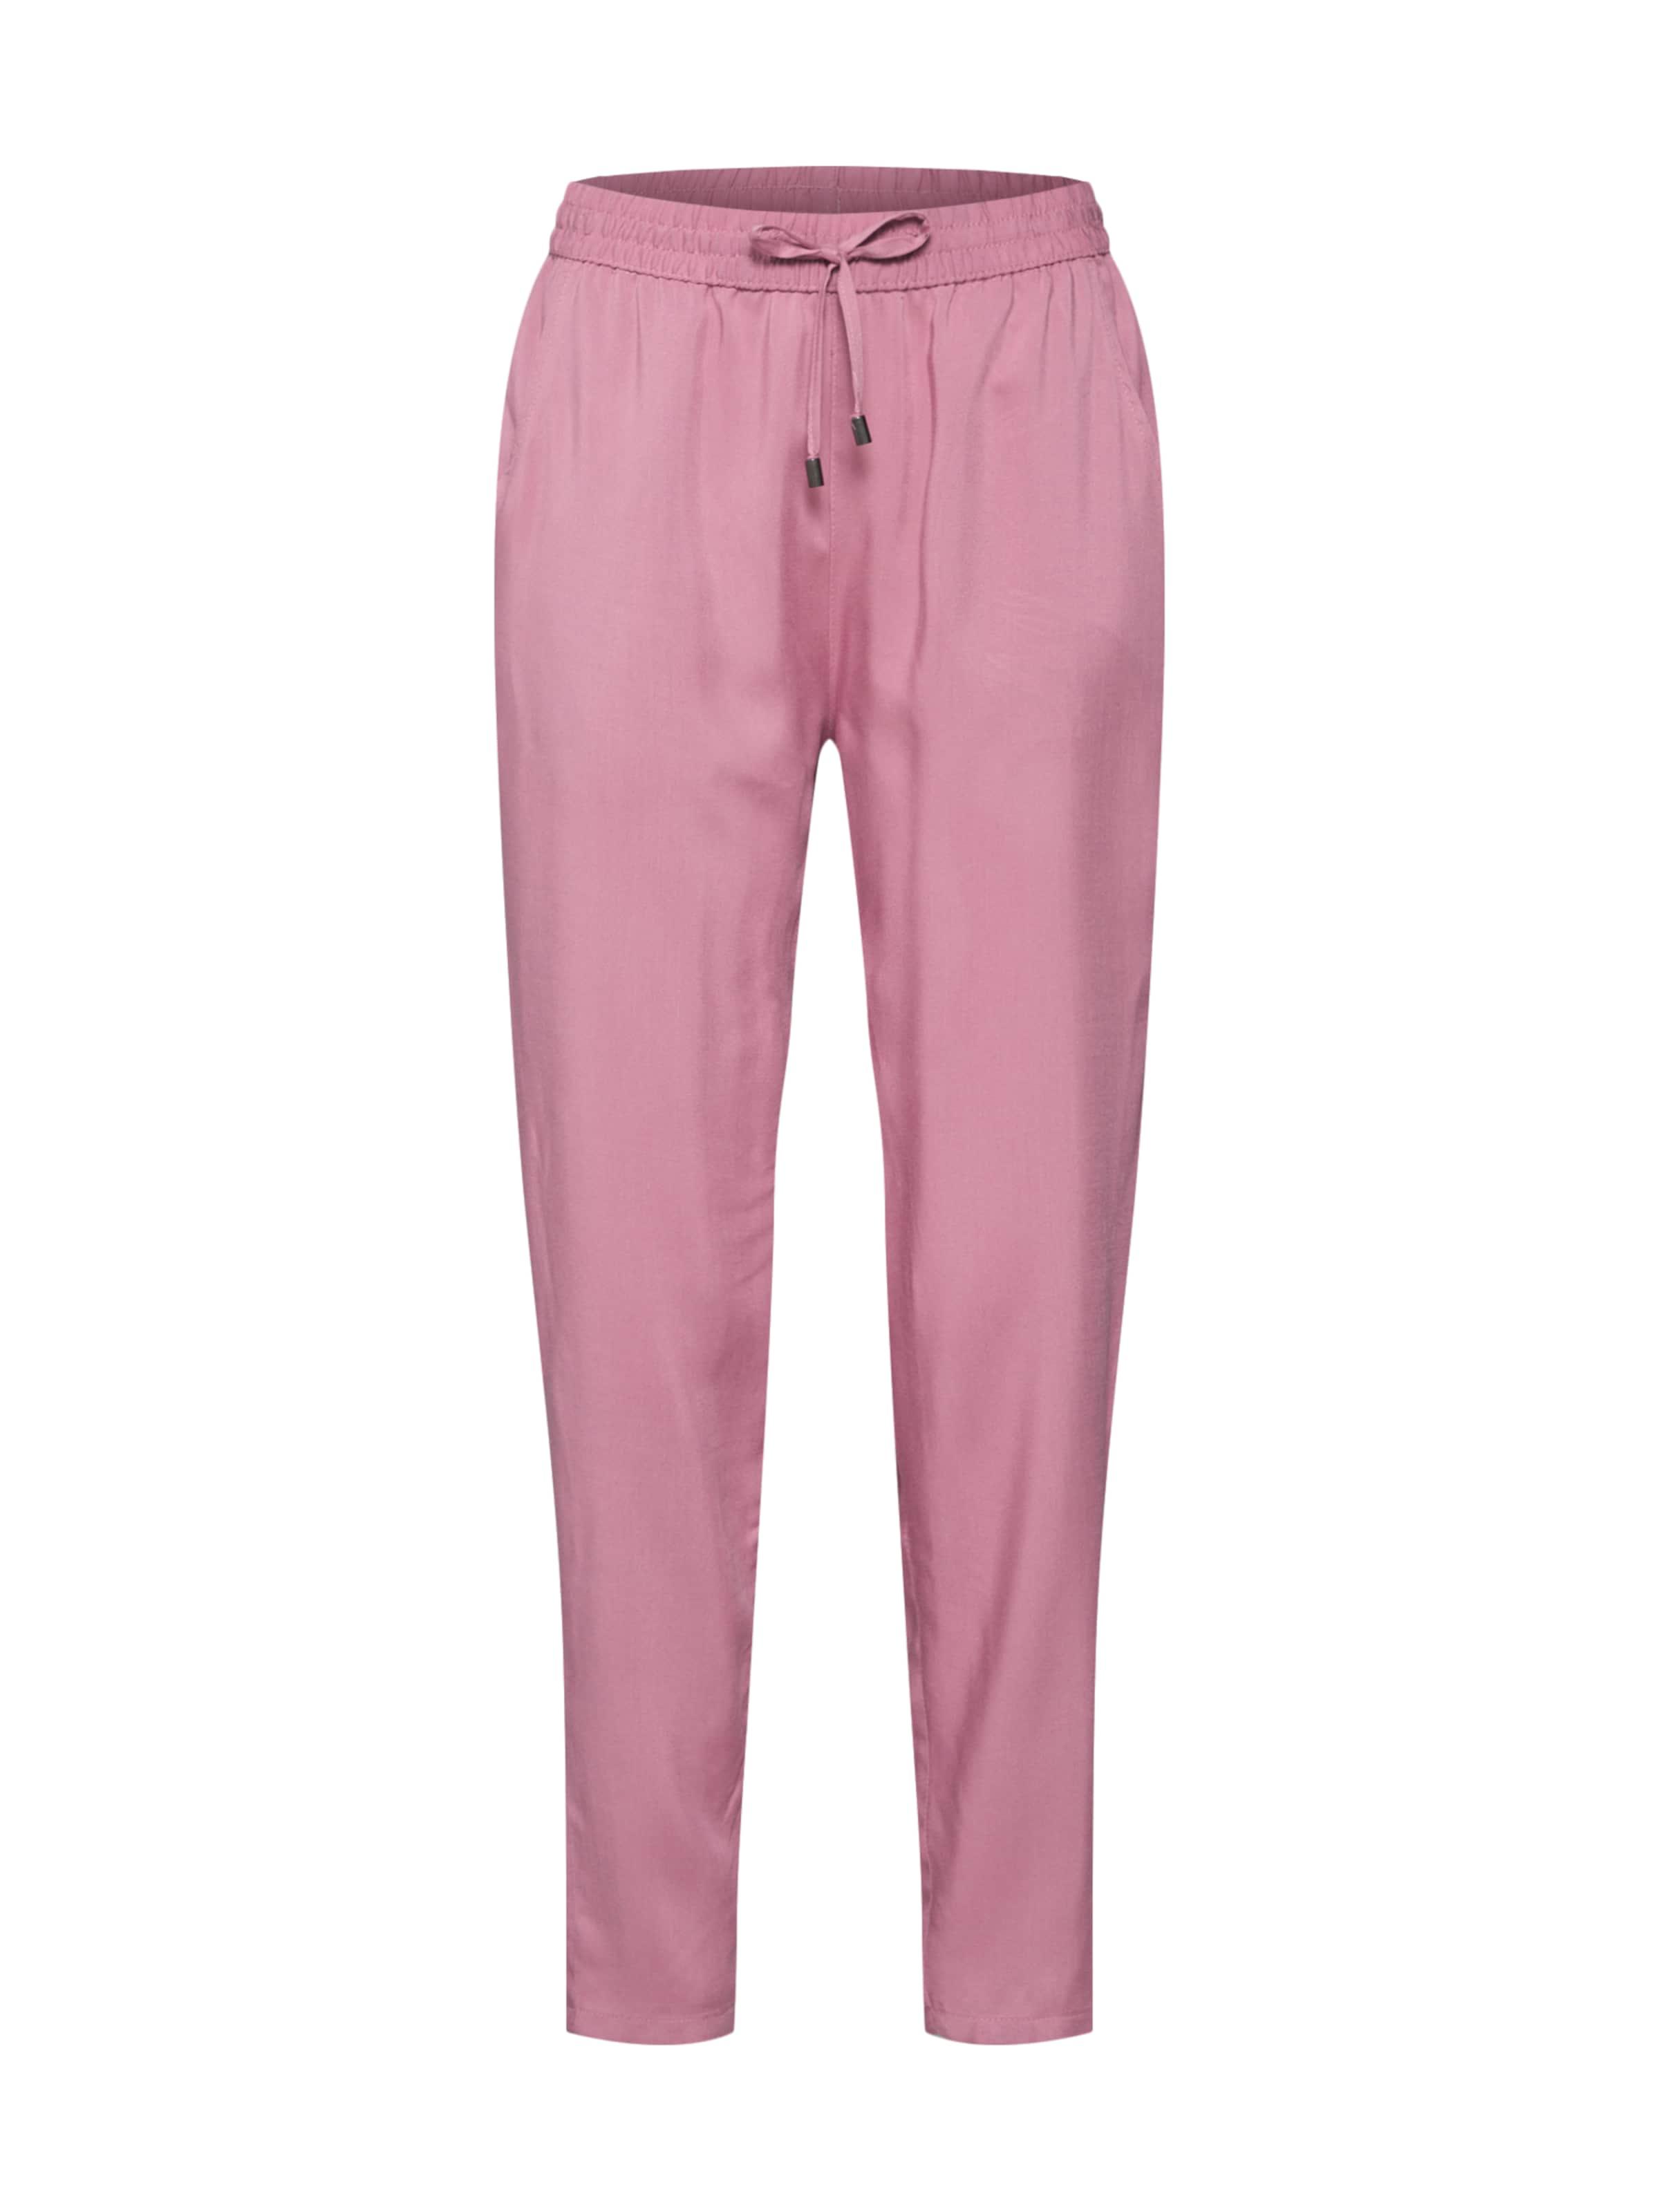 'hose Plain' En Sublevel Mauve Pantalon sCtQrdh